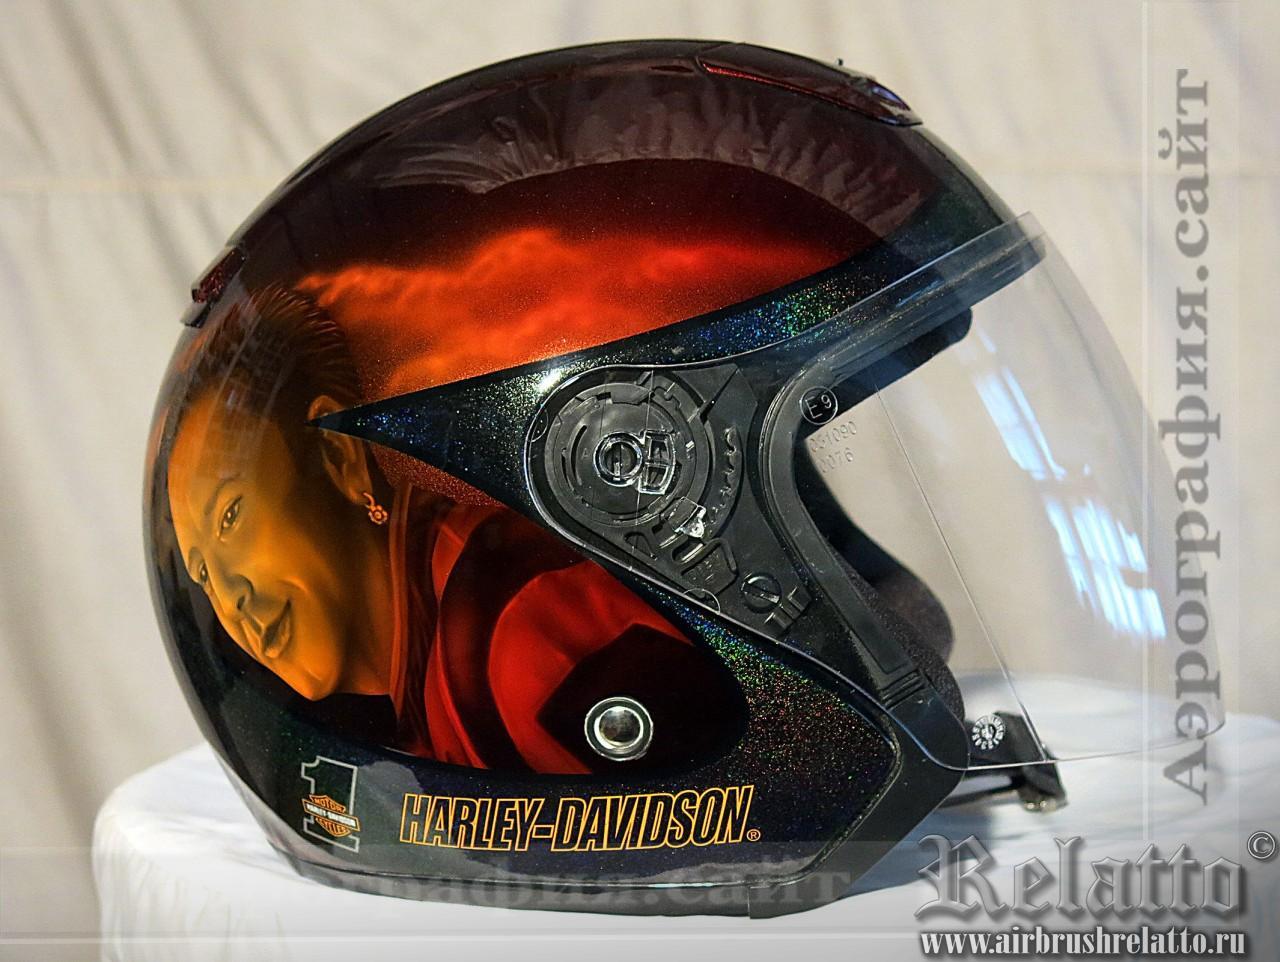 Шлем с аэрографией Харлей Девидсон